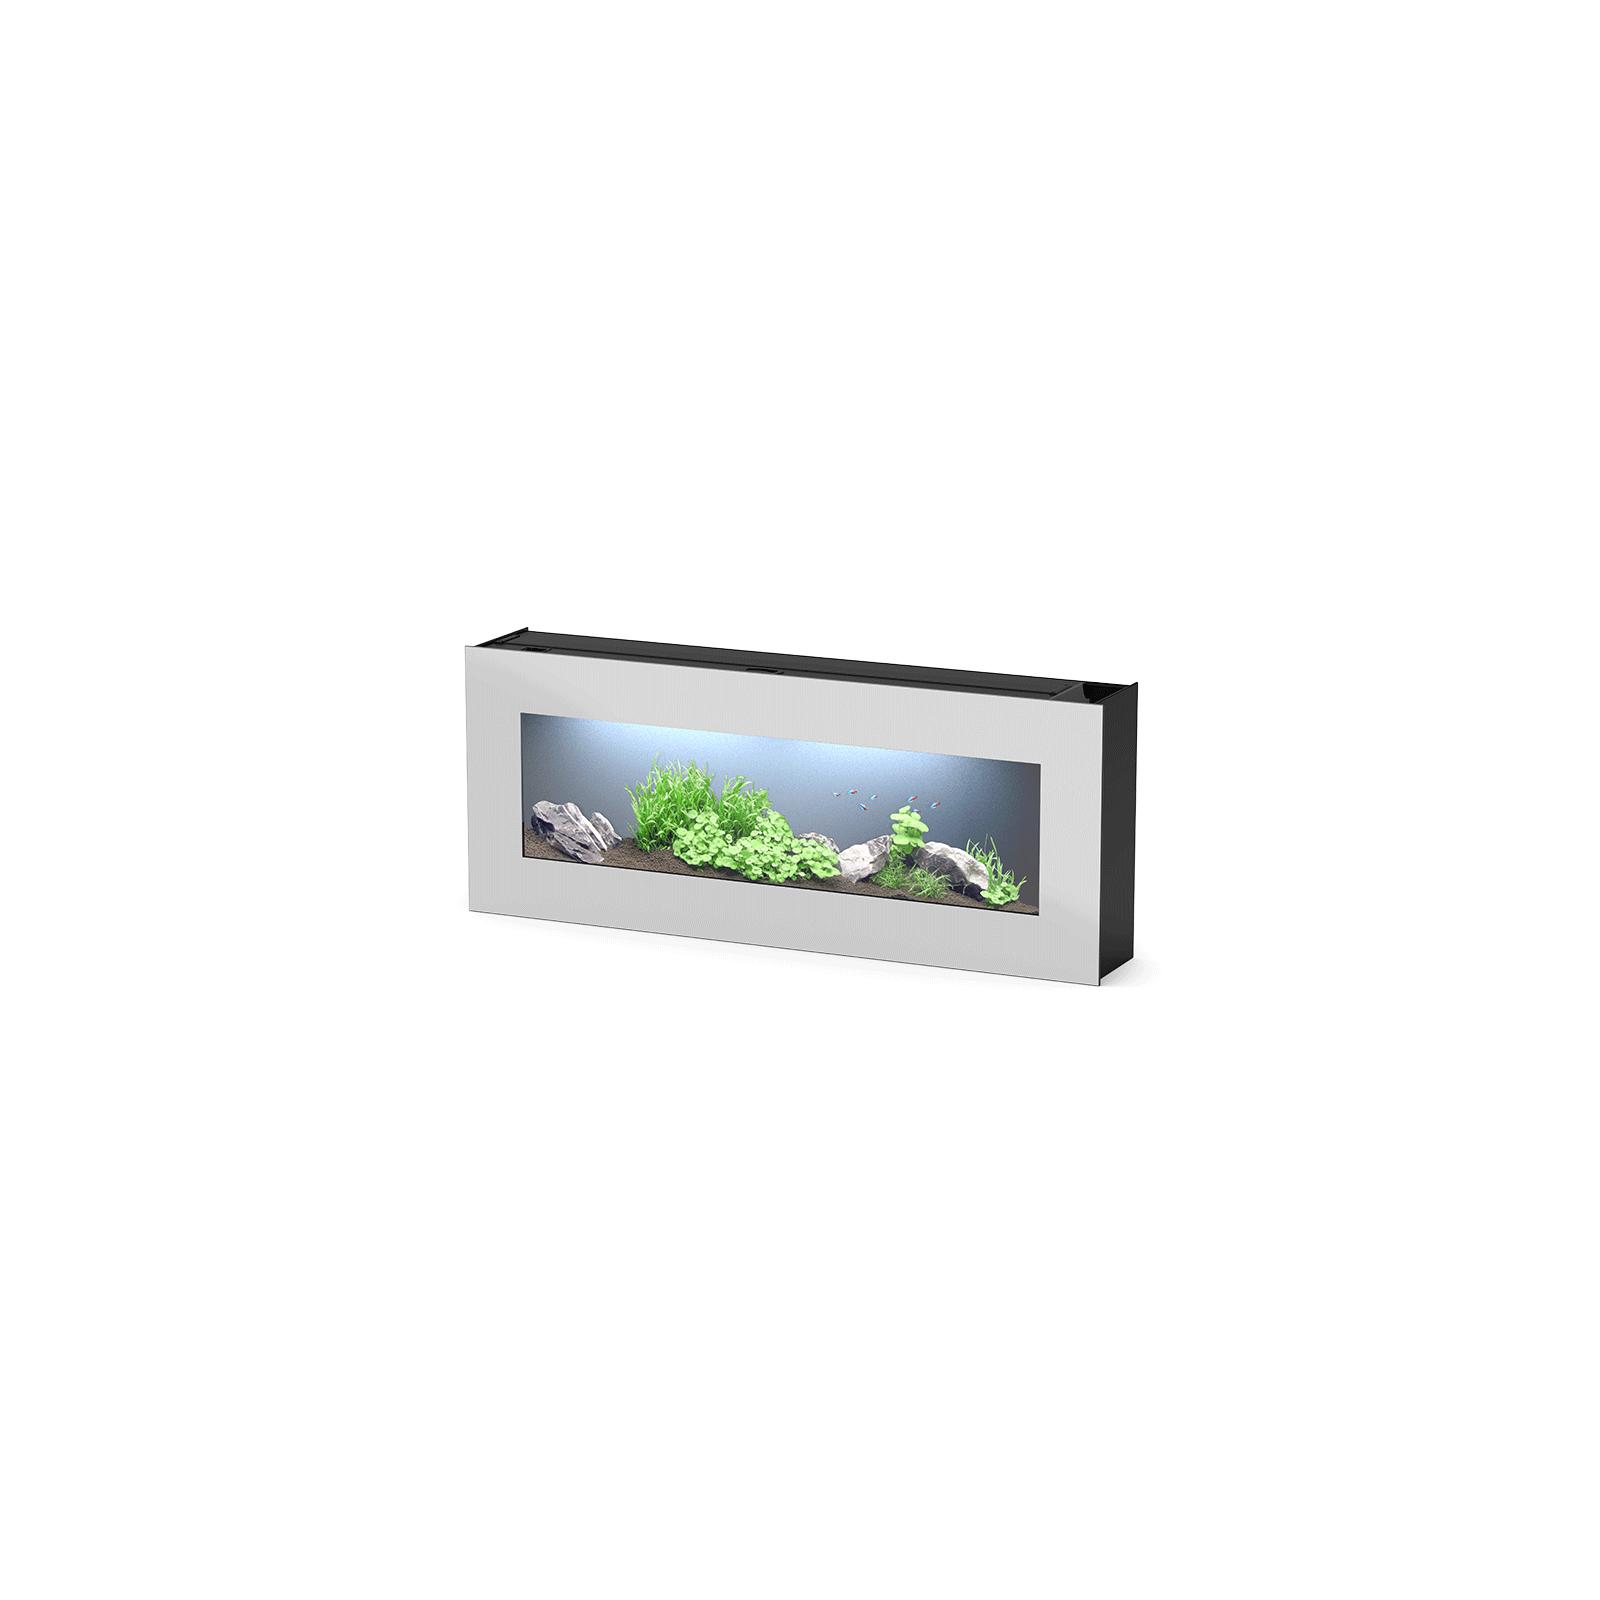 Aquatlantis Aquaplasma 120, Barva Bílá